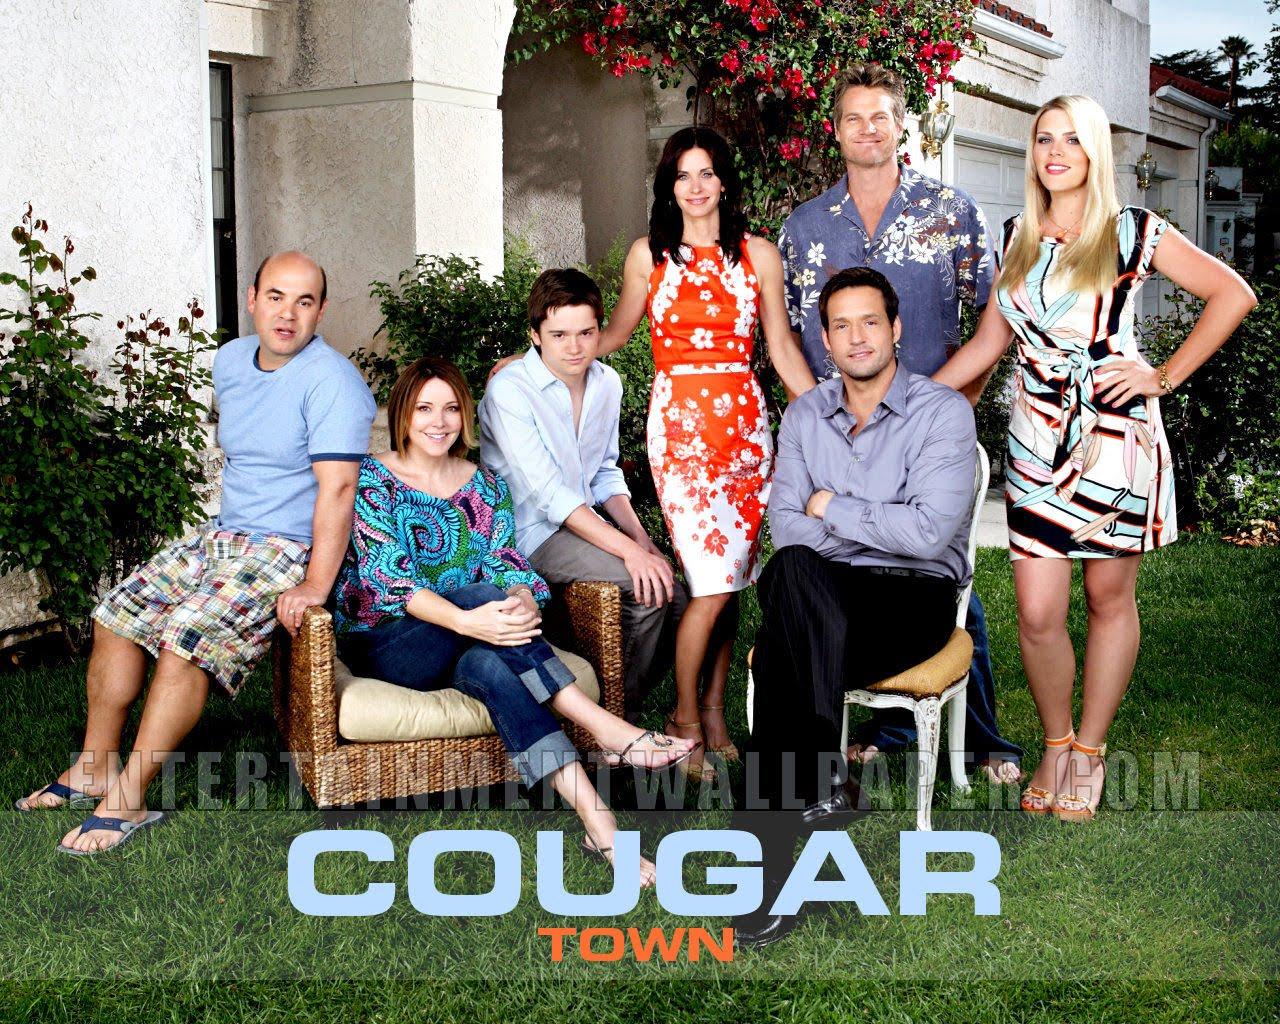 http://1.bp.blogspot.com/_xLCRYa2pYFA/TDKt-pQqQhI/AAAAAAAADtA/wpu-GPzF2b8/s1600/tv_cougar_town01.jpg